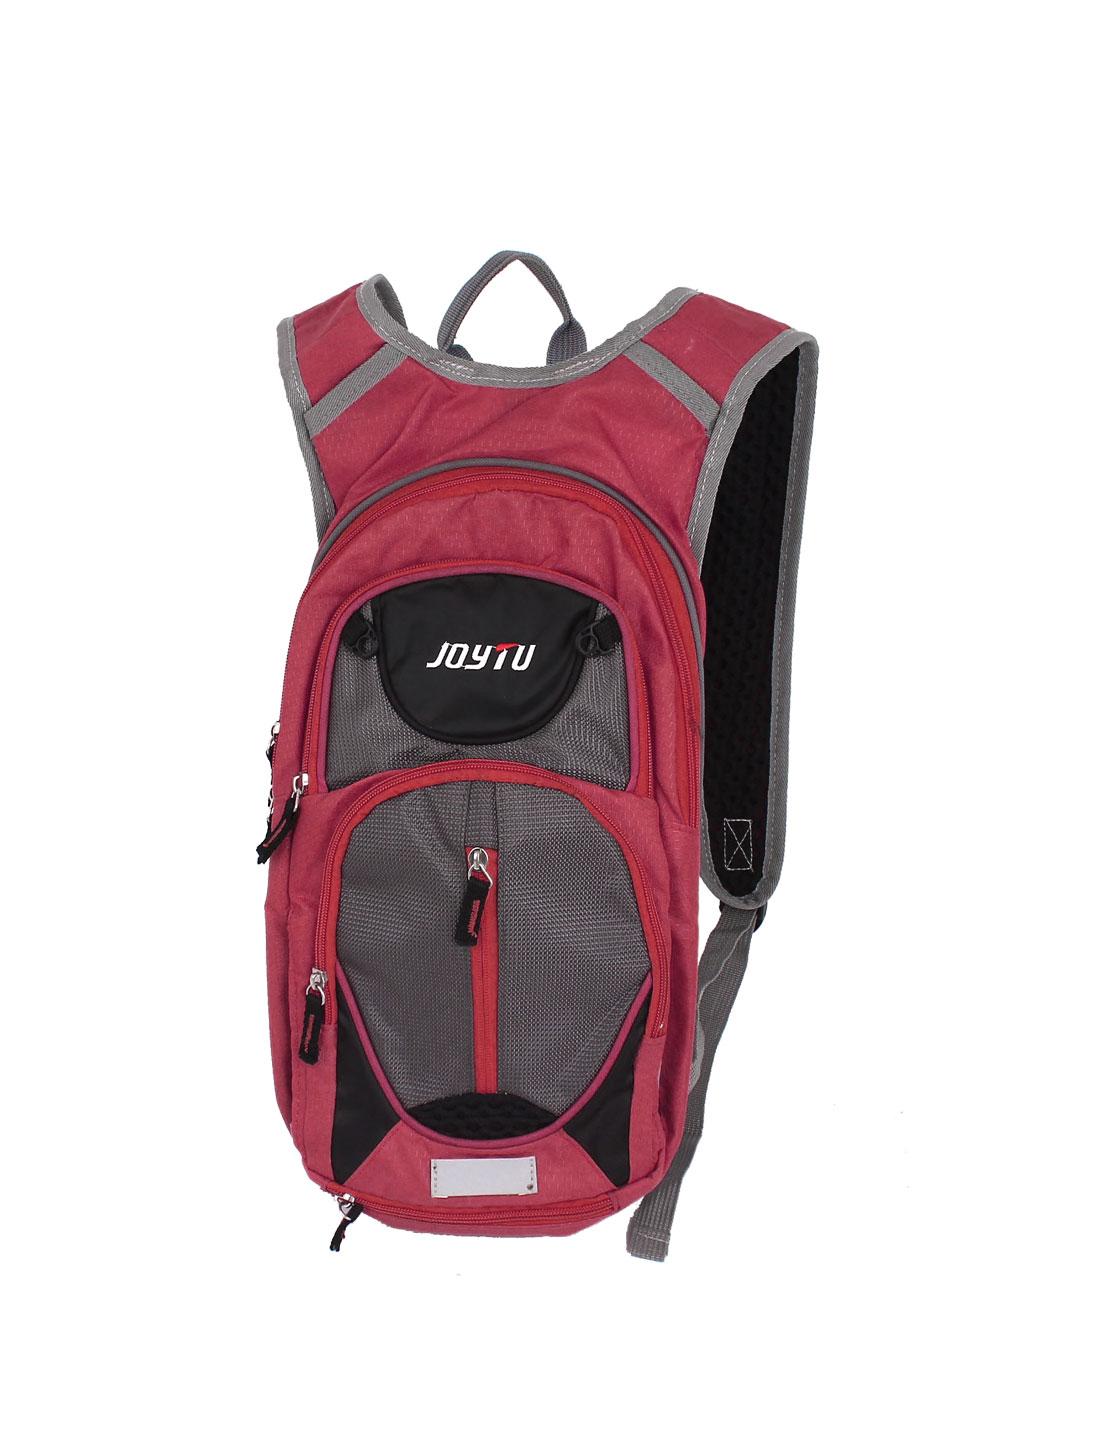 Mens Hiking Camping Travel Nylon Shoulder Satchel Backpack Rucksack Bag Red